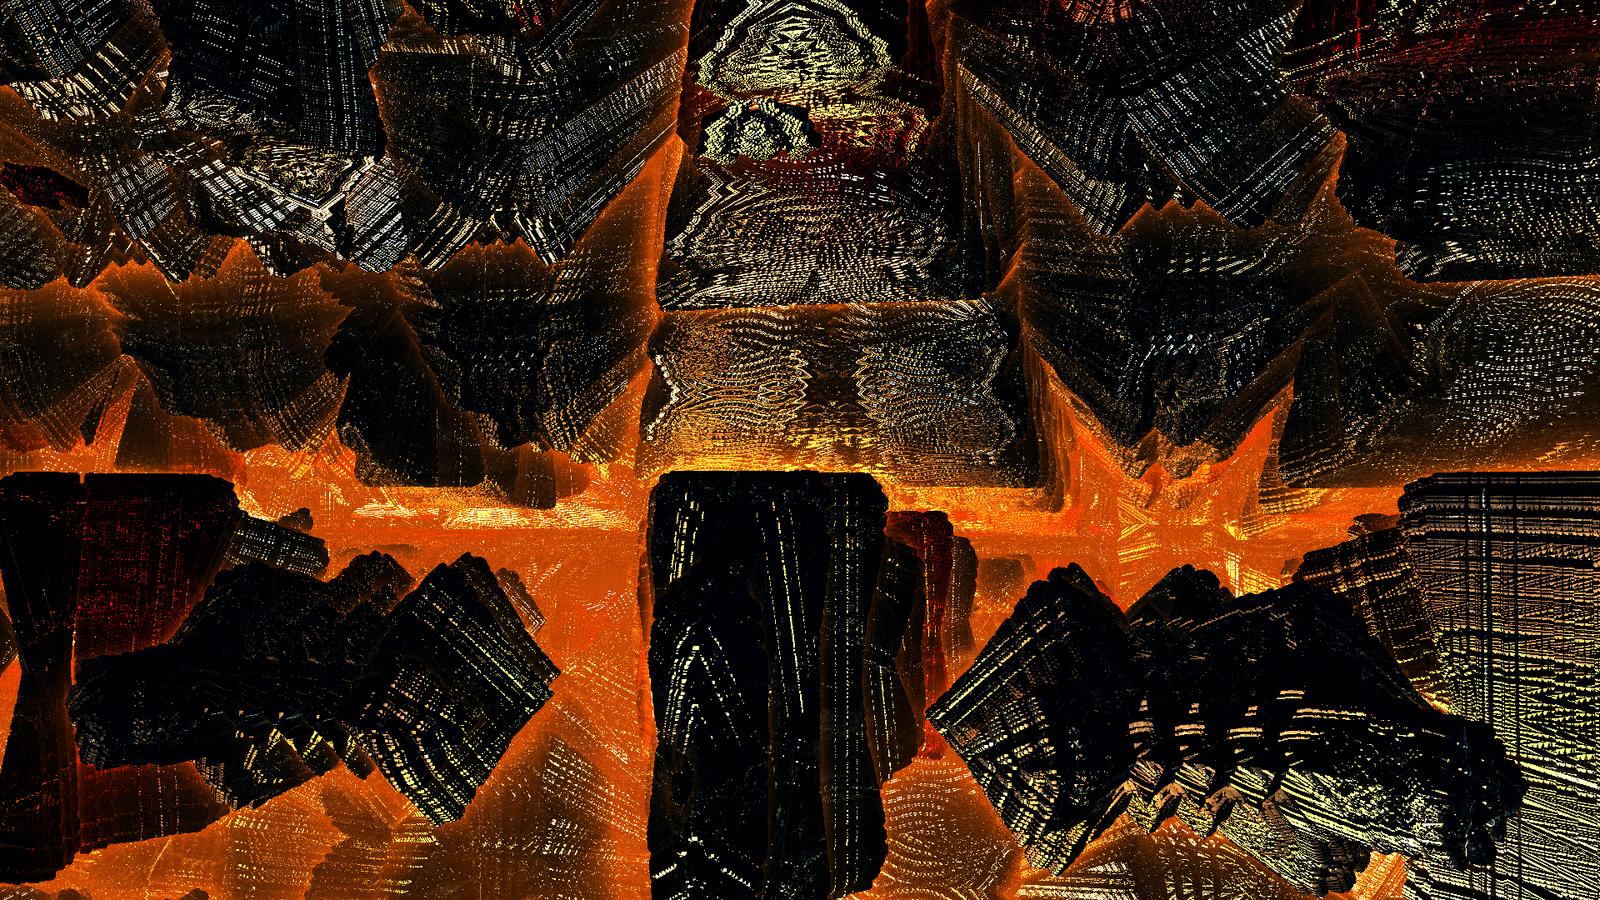 Fractal lava by Jakeukalane